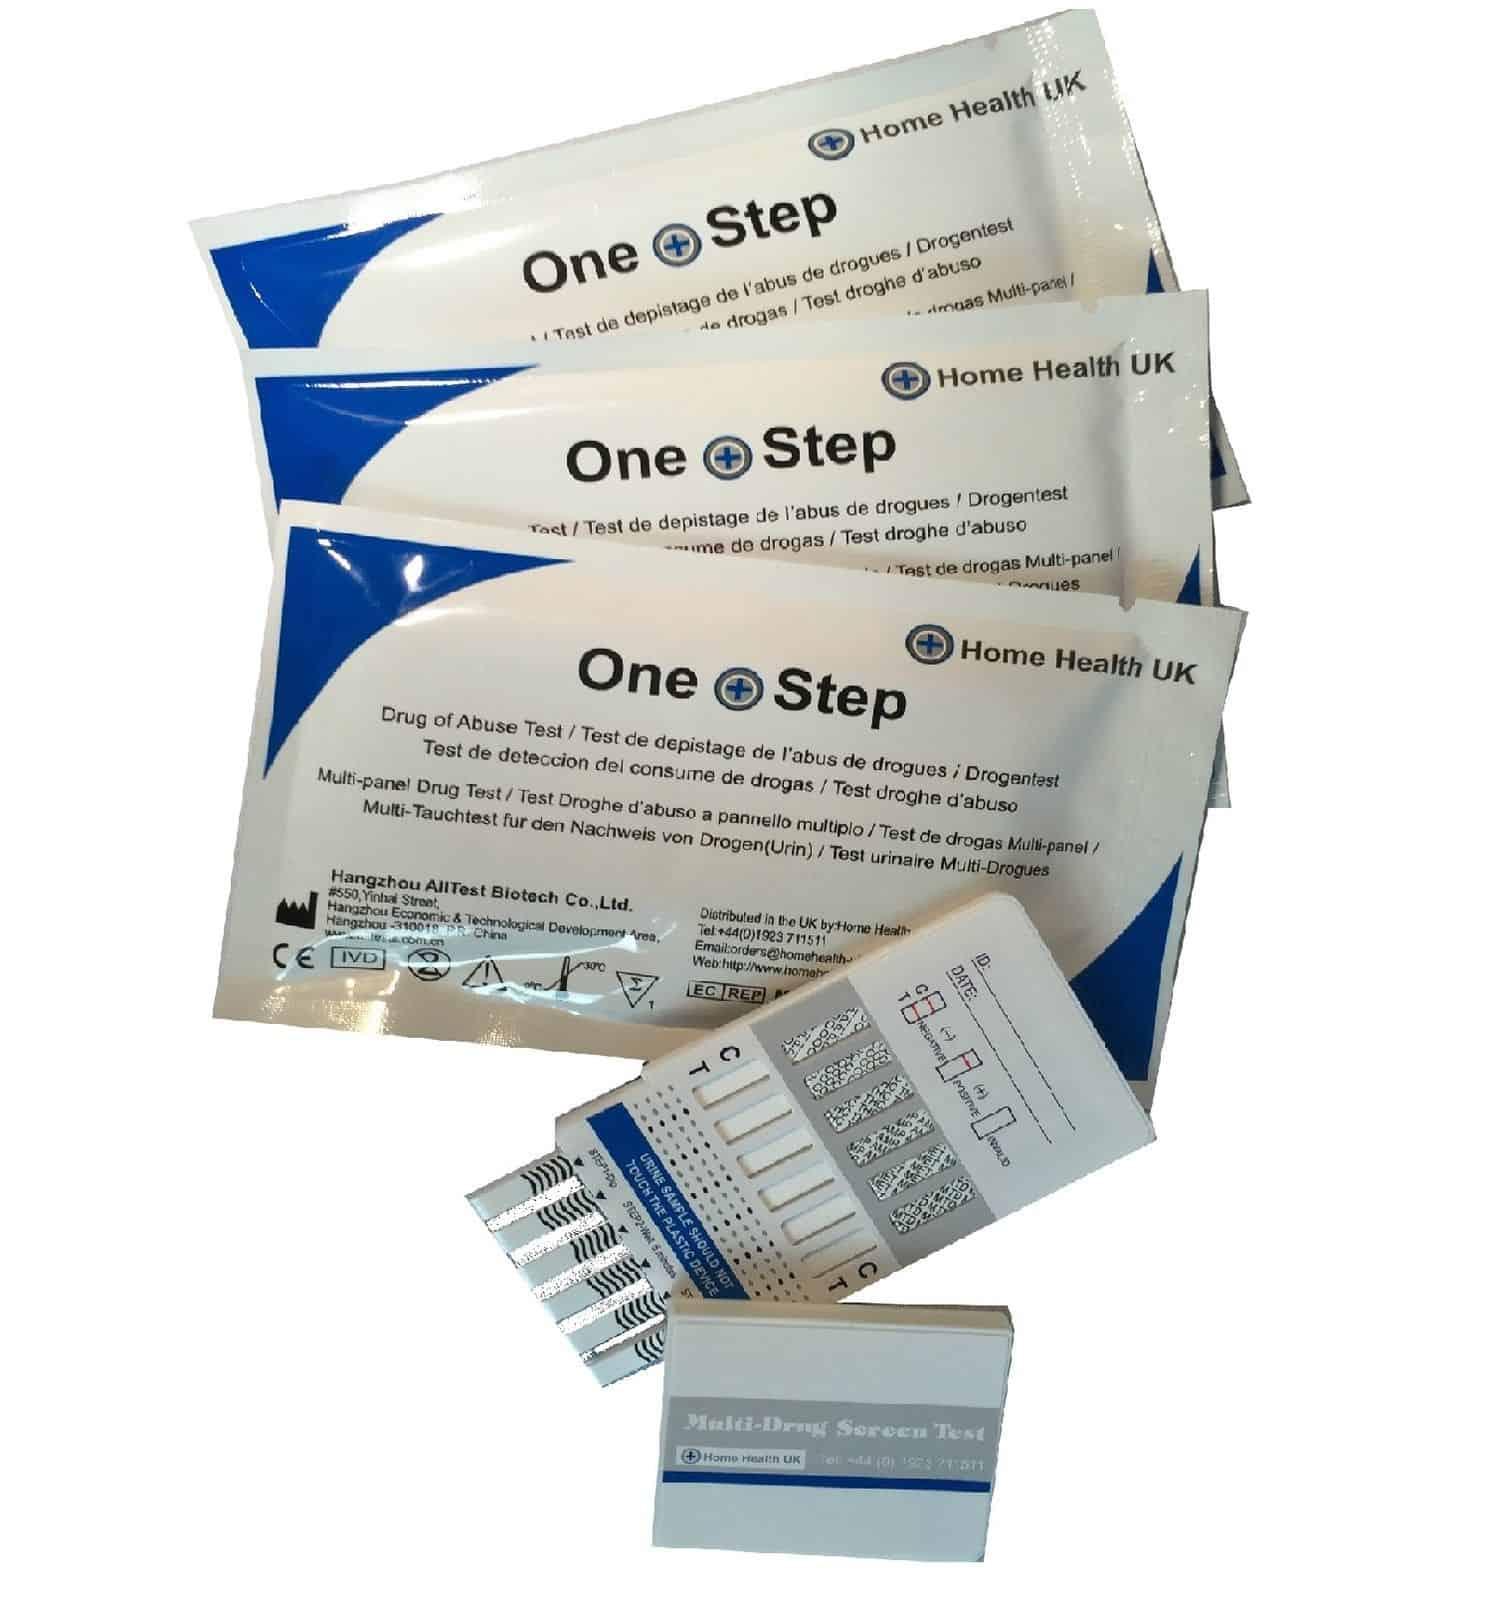 Multi-Drogentest (7 Substanzen) für rechnerisch nur 4,33 Euro inkl. Versand aus England!